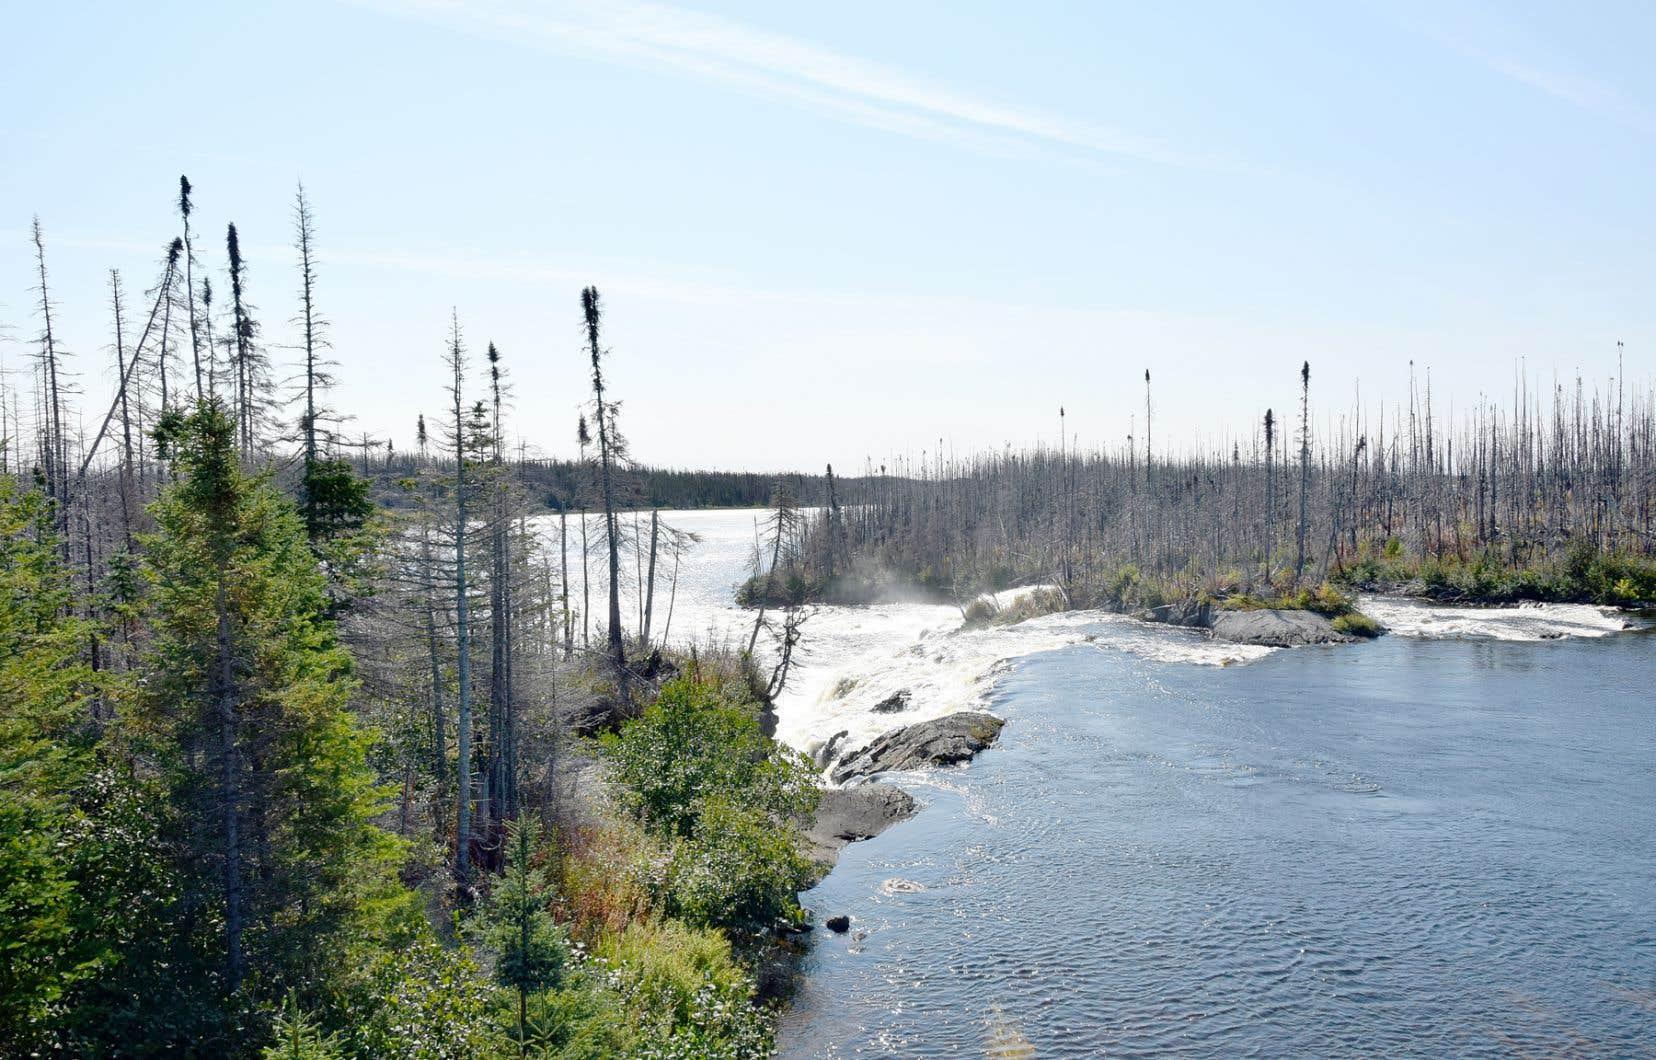 À l'été 1905, Mina Benson Hubbard cartographiait l'intérieur du Labrador, avec ses forêts et ses rivières infinies, ses hordes de caribous et ses mousses où les pas s'enfoncent.